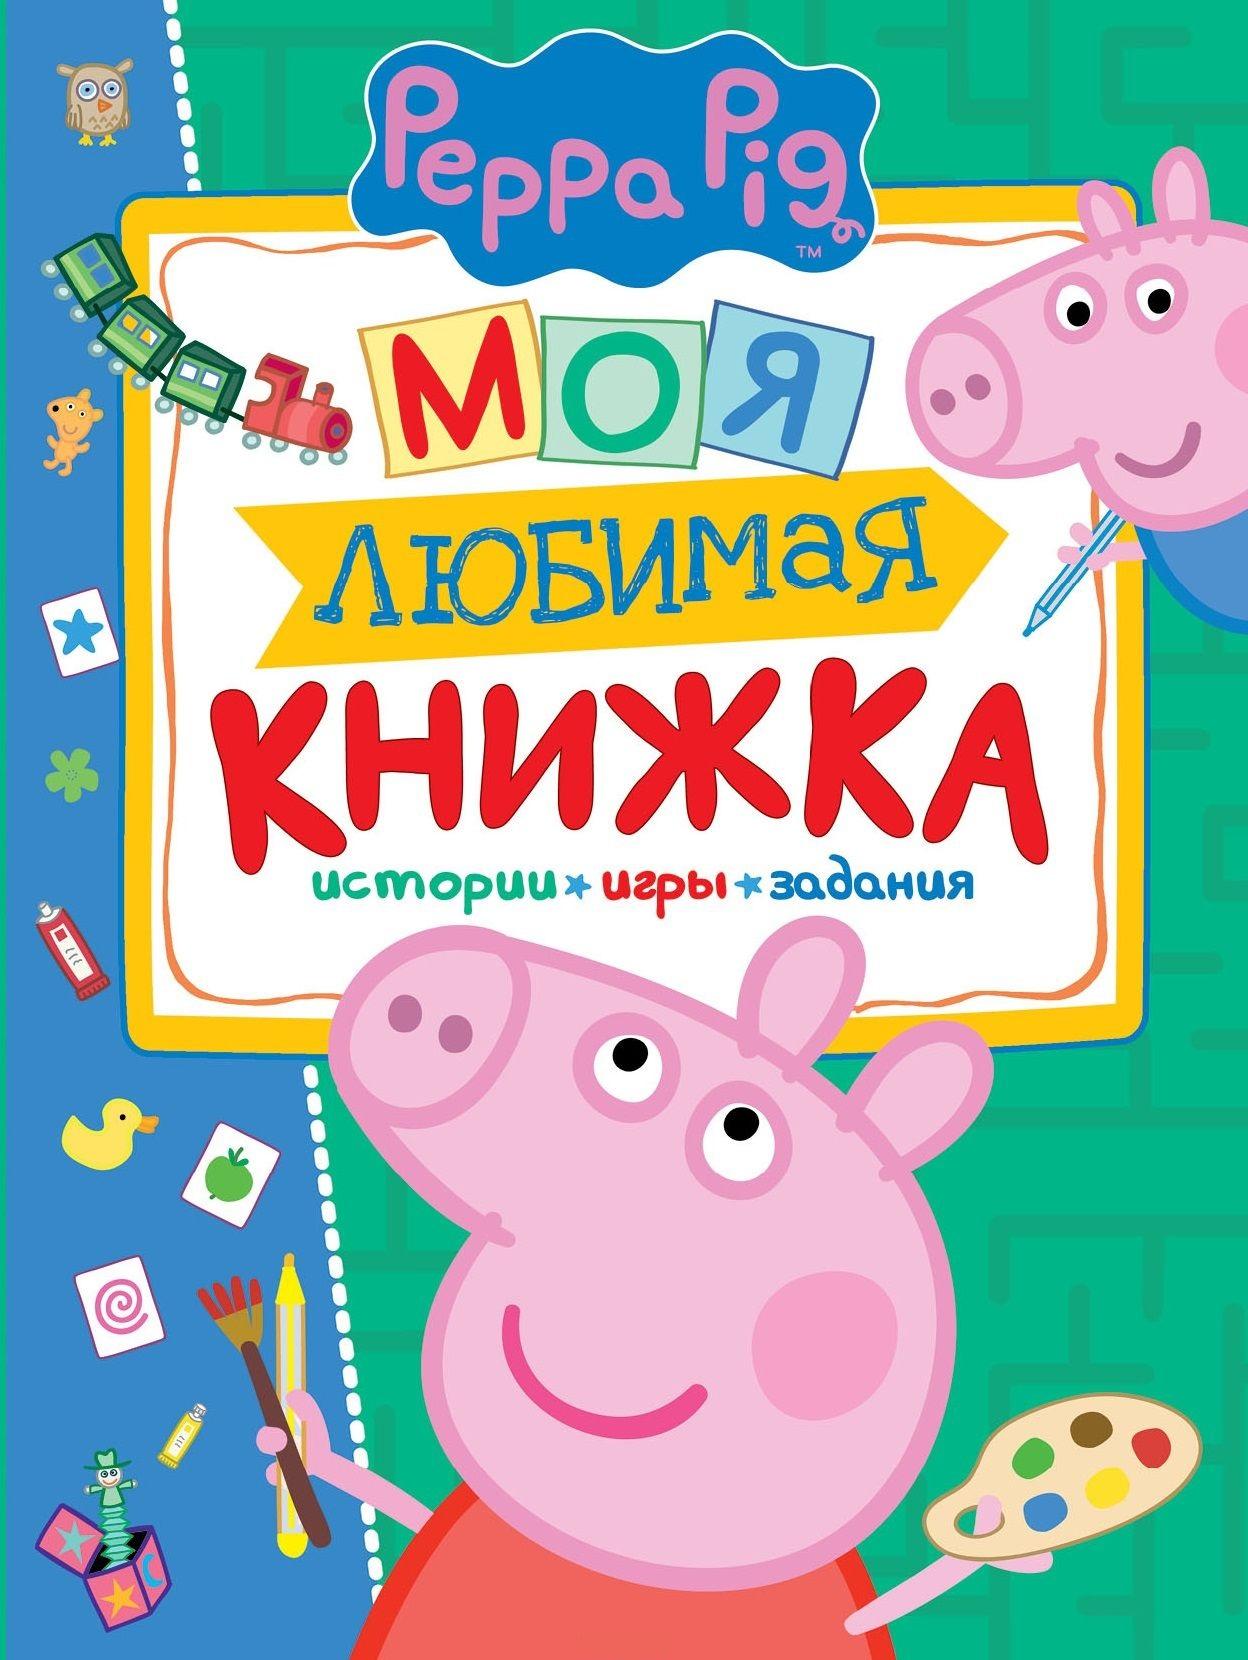 Свинка Пеппа. «Моя любимая книжка»Свинка Пеппа Peppa Pig<br>Свинка Пеппа. «Моя любимая книжка»<br>